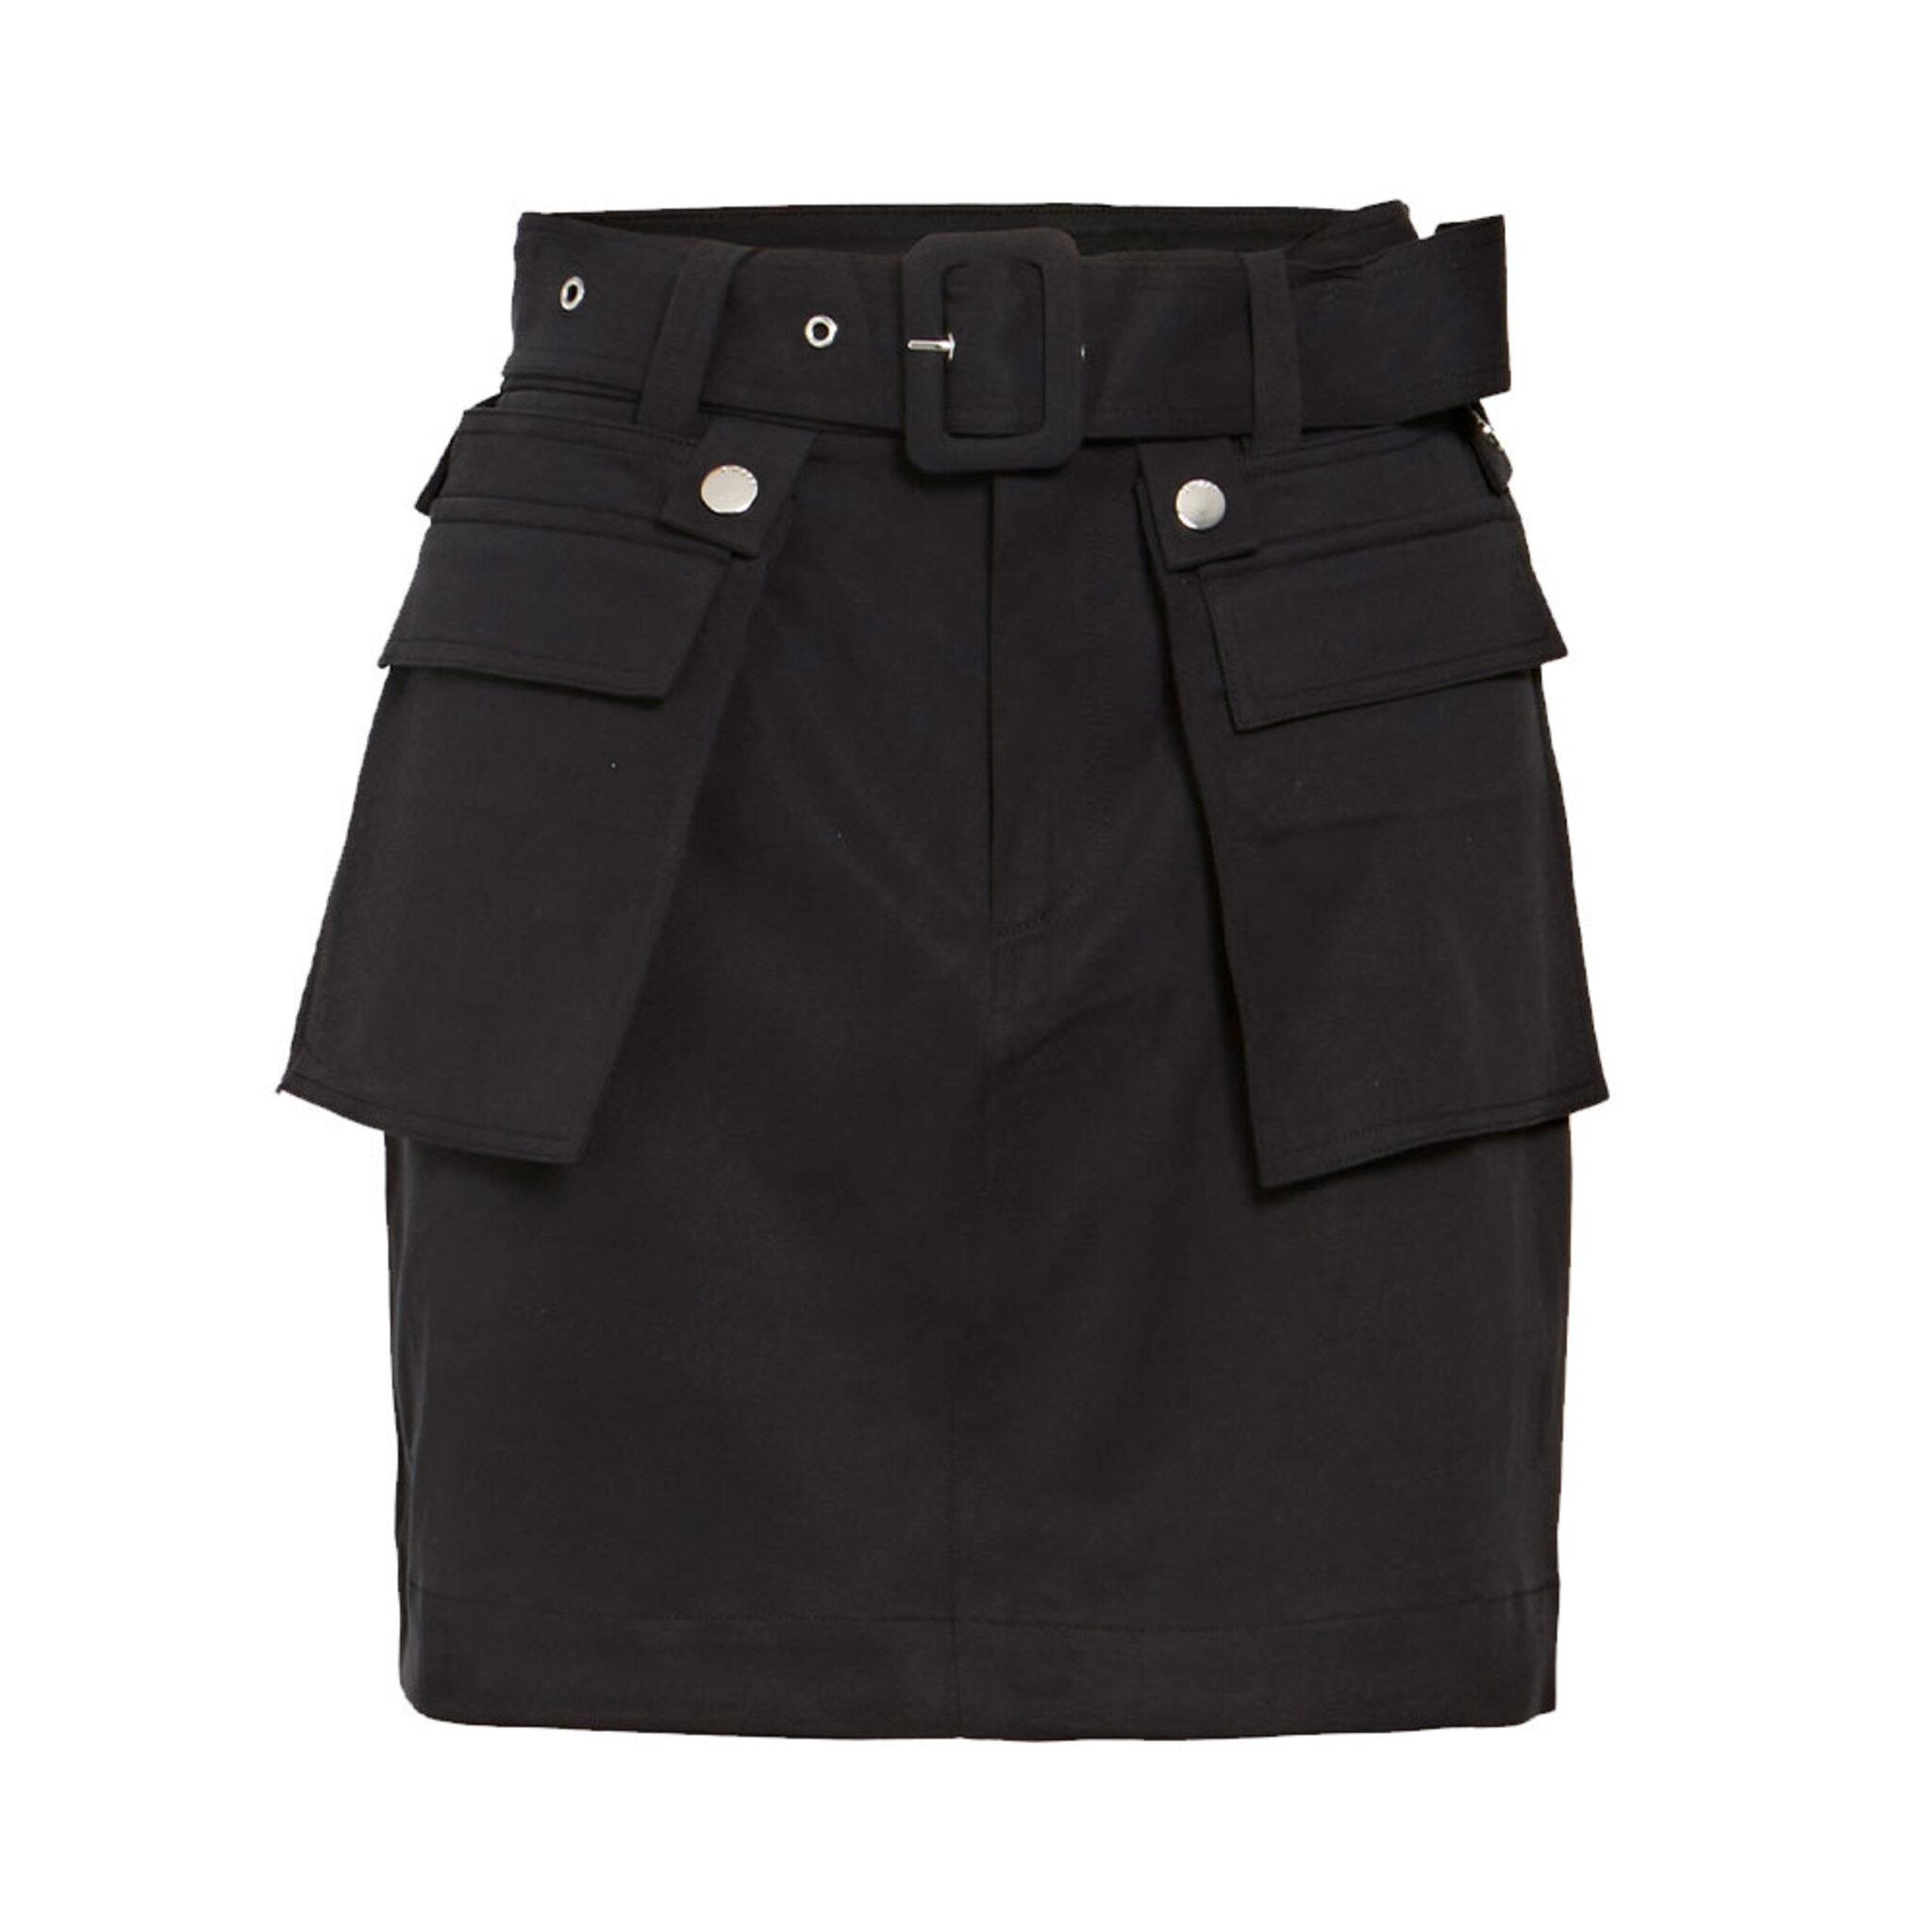 RANDI SKIRT Skirt